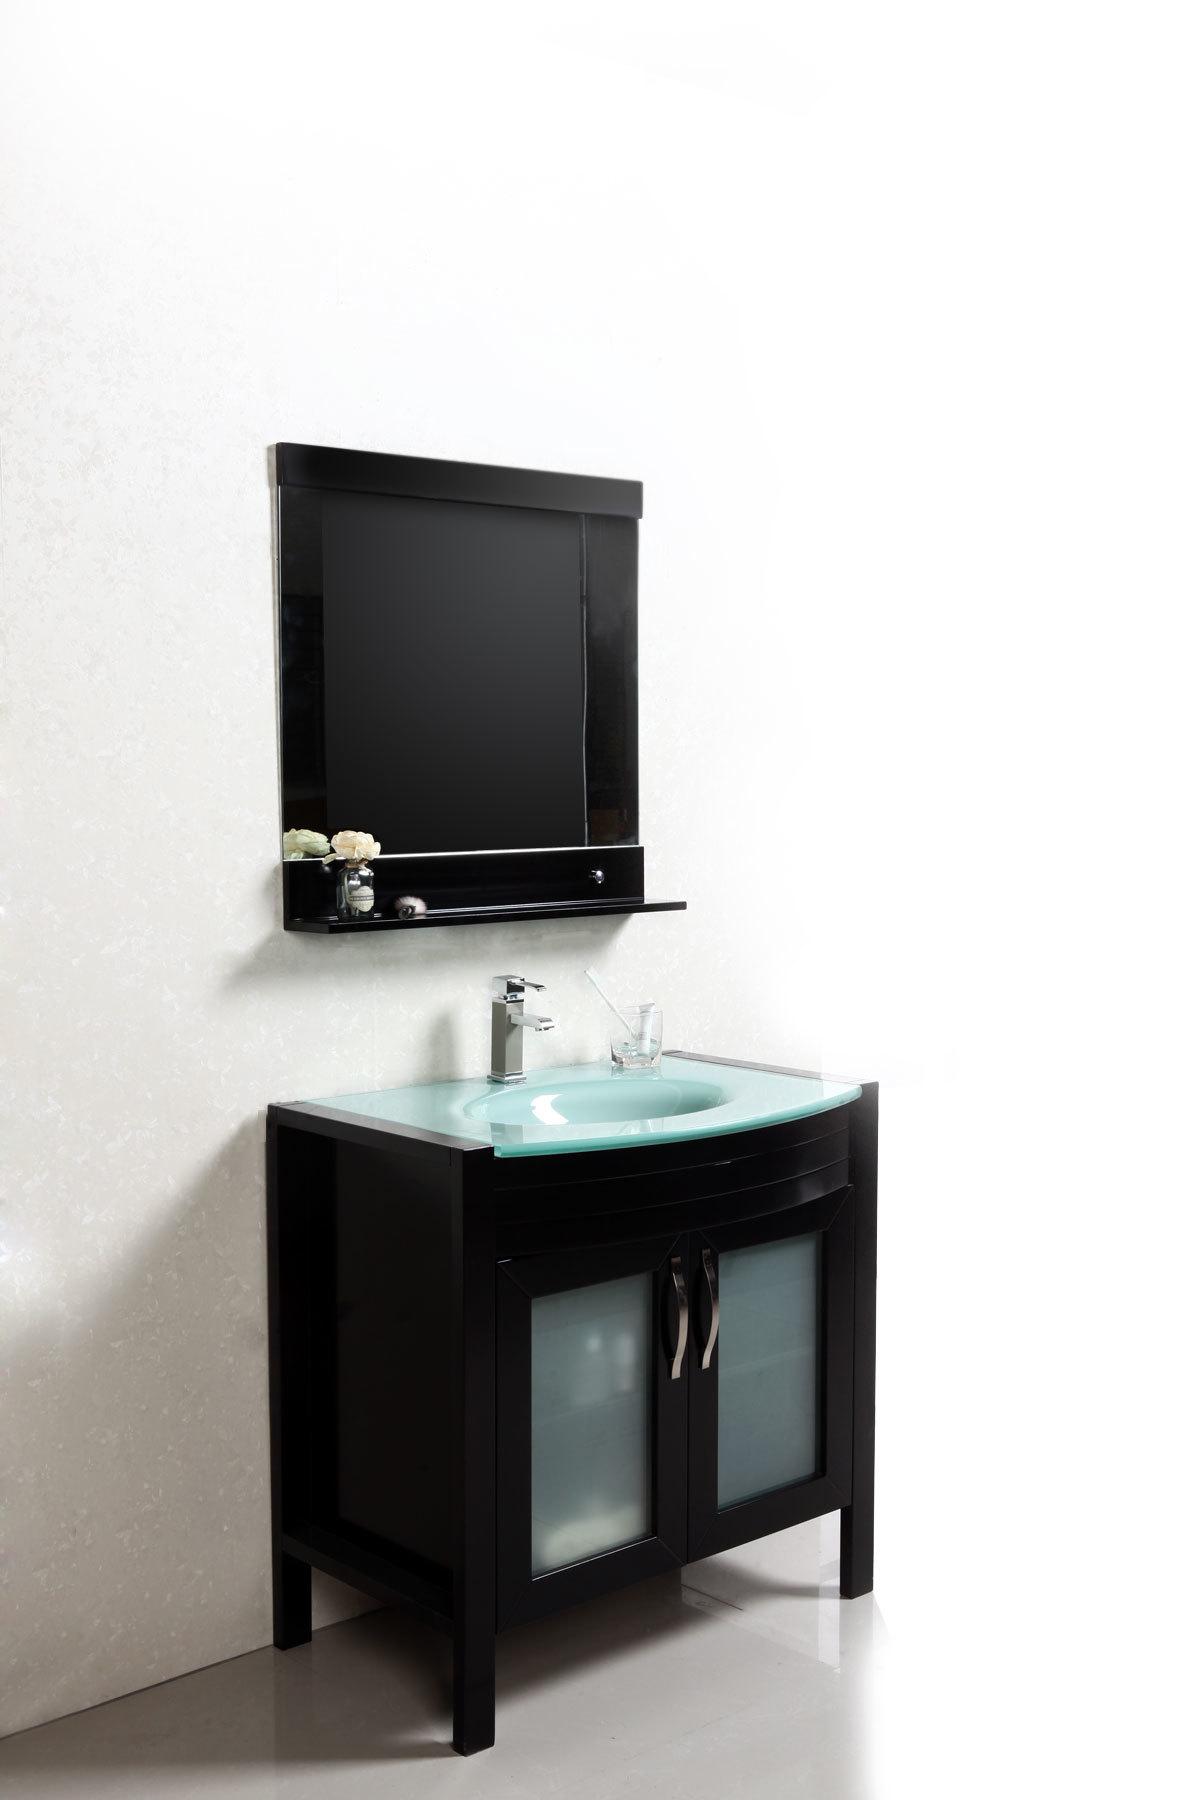 armarios de bao bajo lavabo dikiducom with muebles de bao para debajo del lavabo